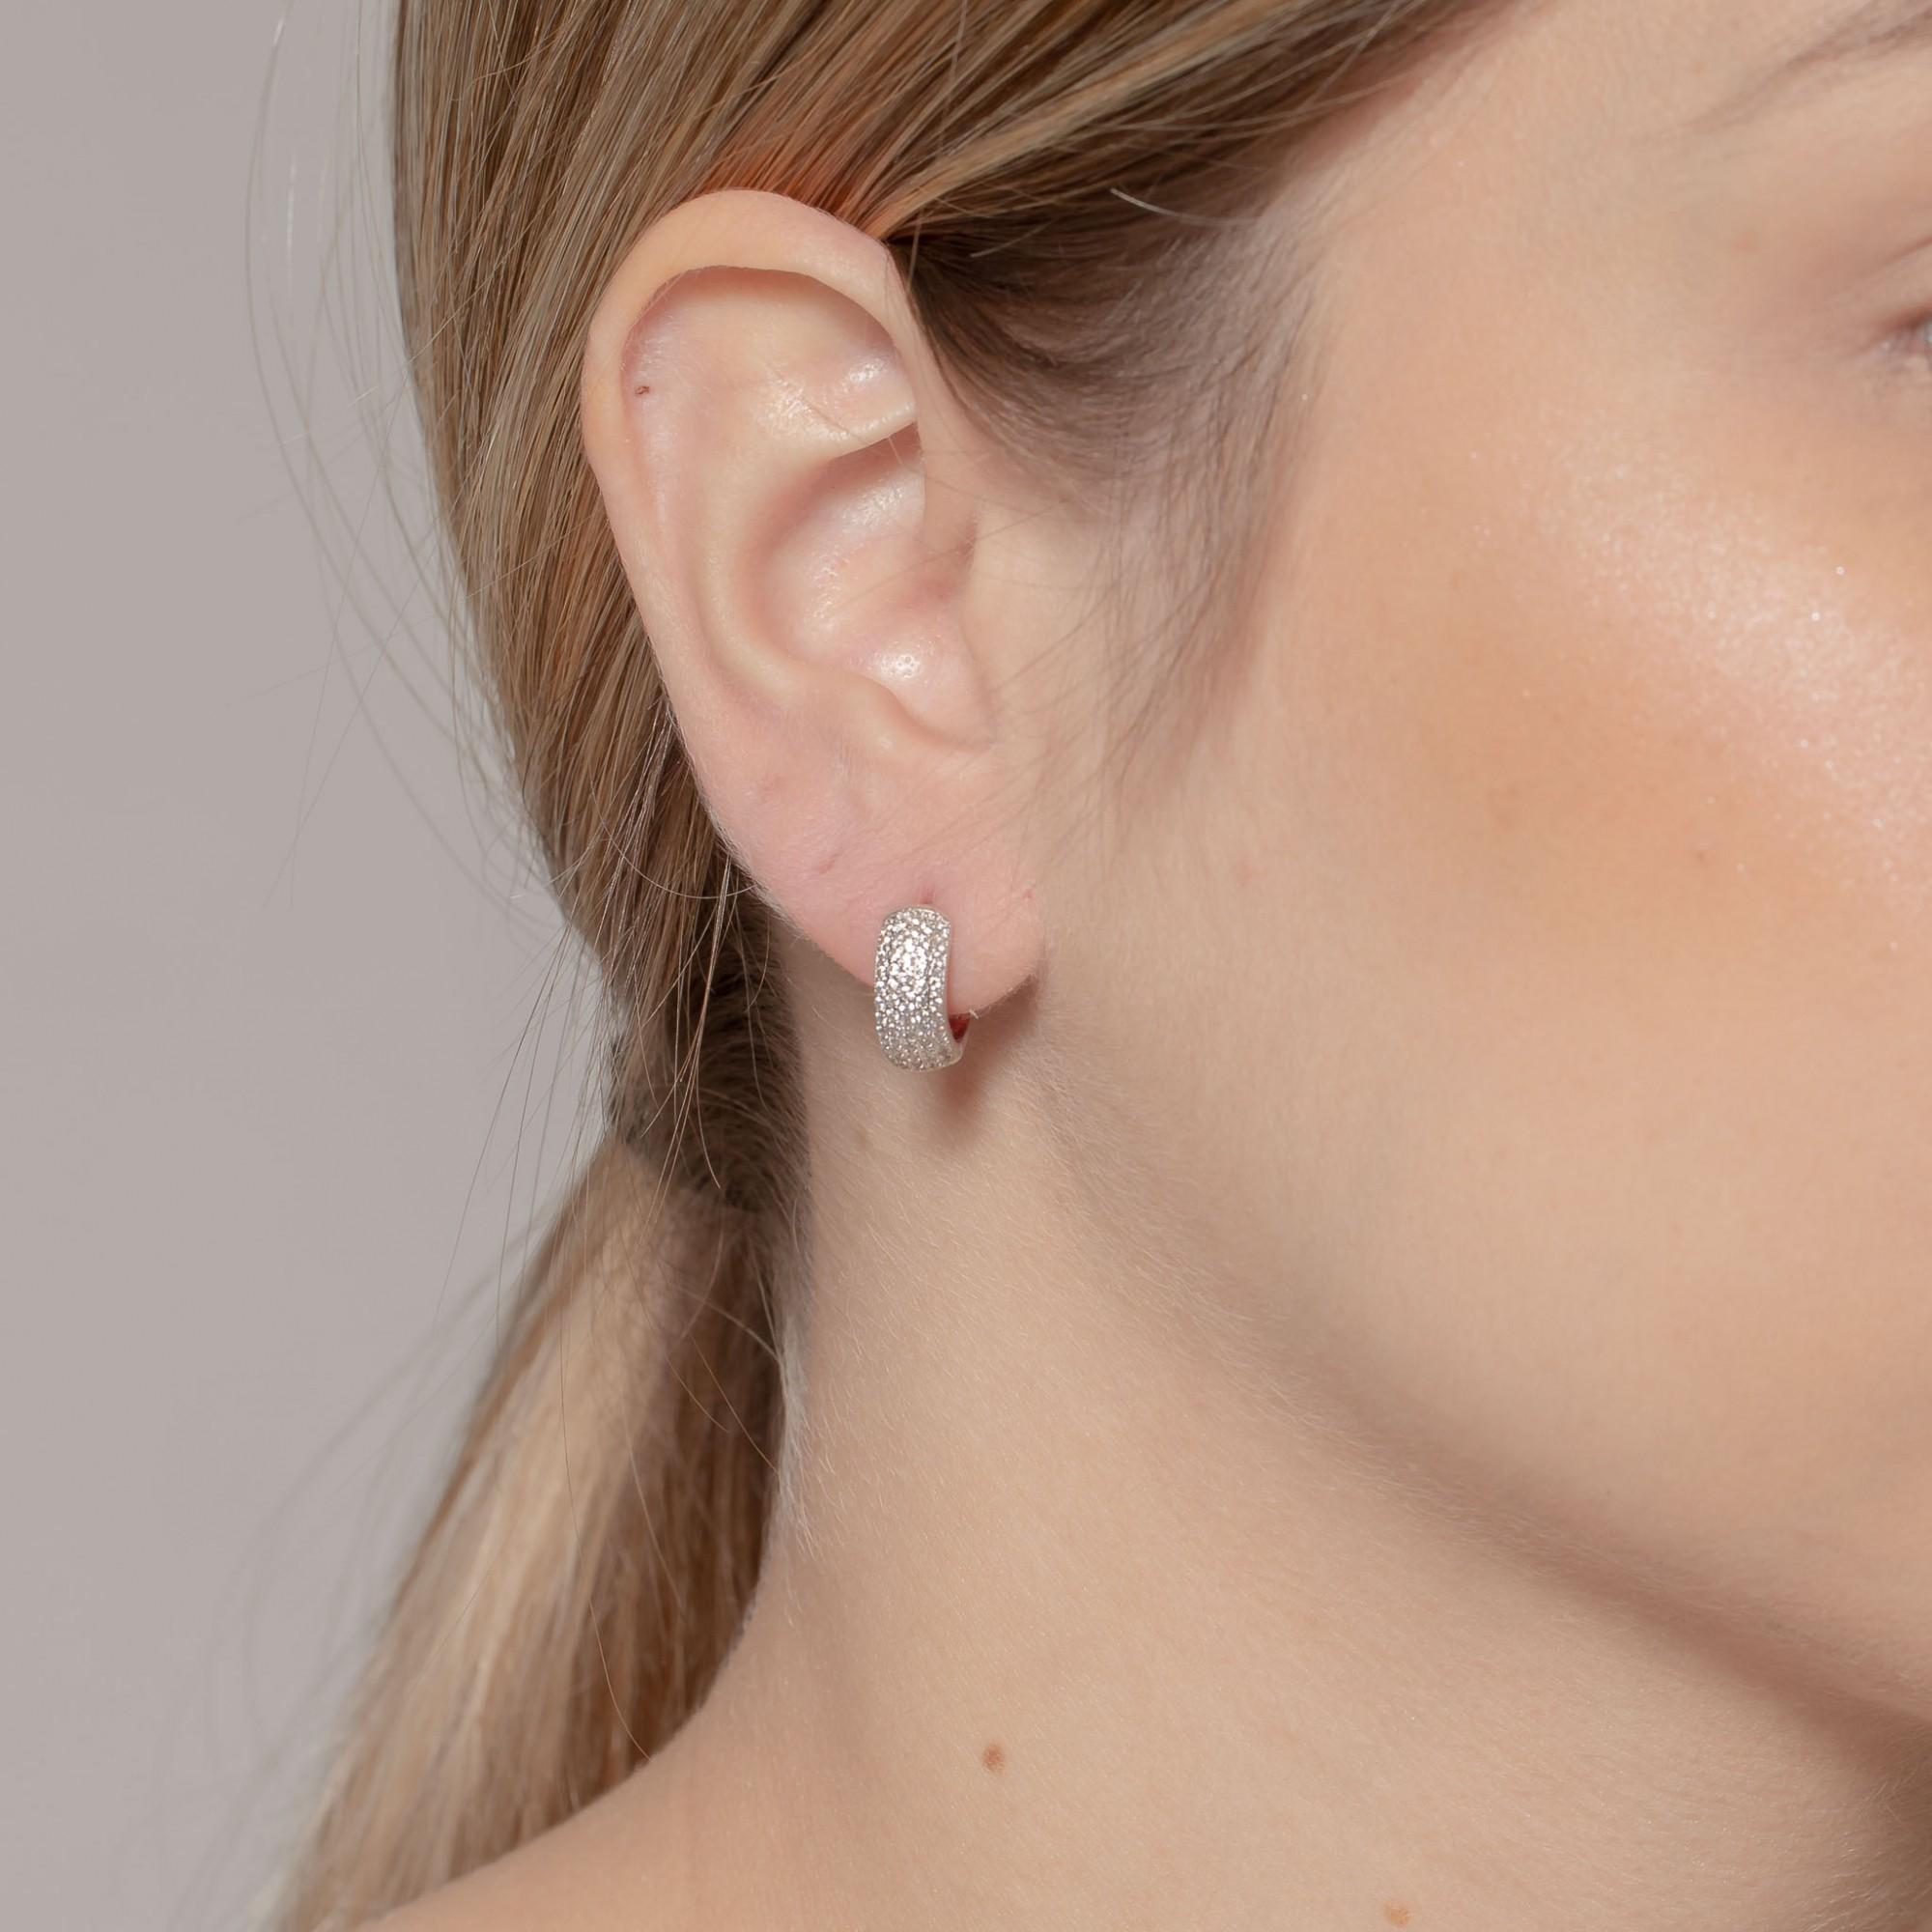 Argola de clique 1,5 cm com cinco fileiras de zircônias banho de ródio branco.  - romabrazil.com.br